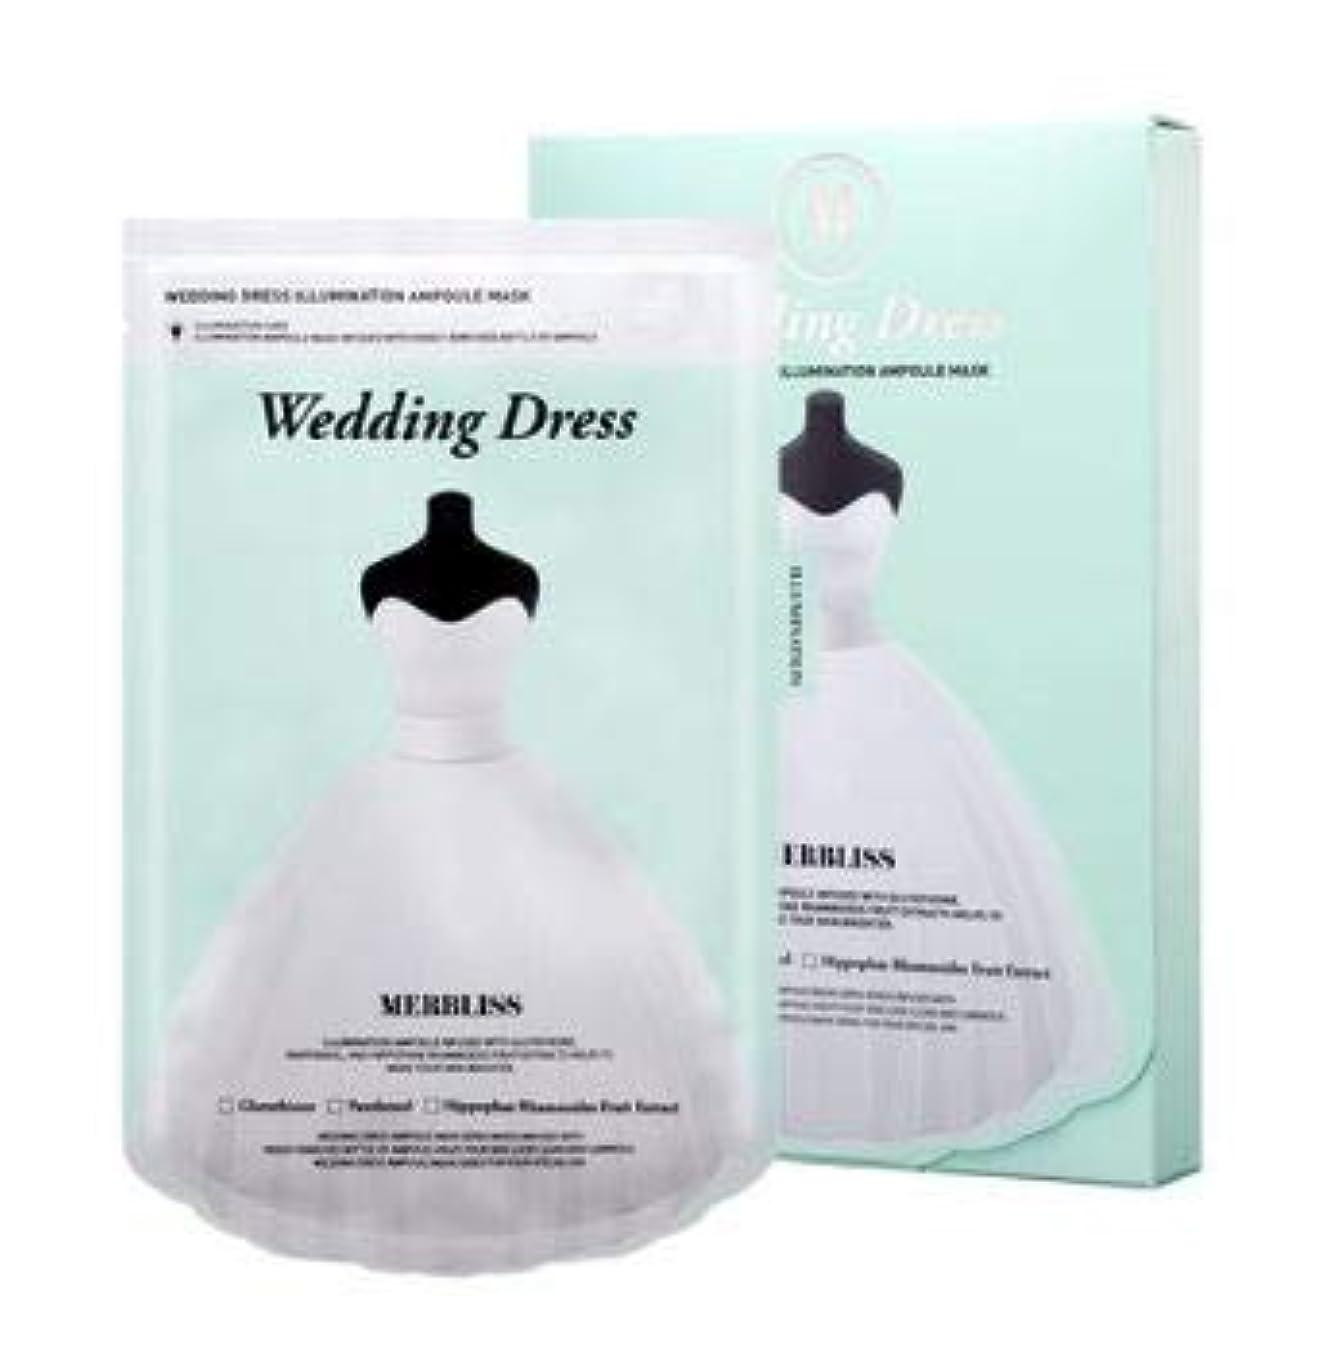 ネイティブ抵当唇[Merbliss] Wedding Dress Illumination Ampoule Mask 25gx5ea /ウェディングドレスイルミネーションアンプルマスク25gx5枚 [並行輸入品]